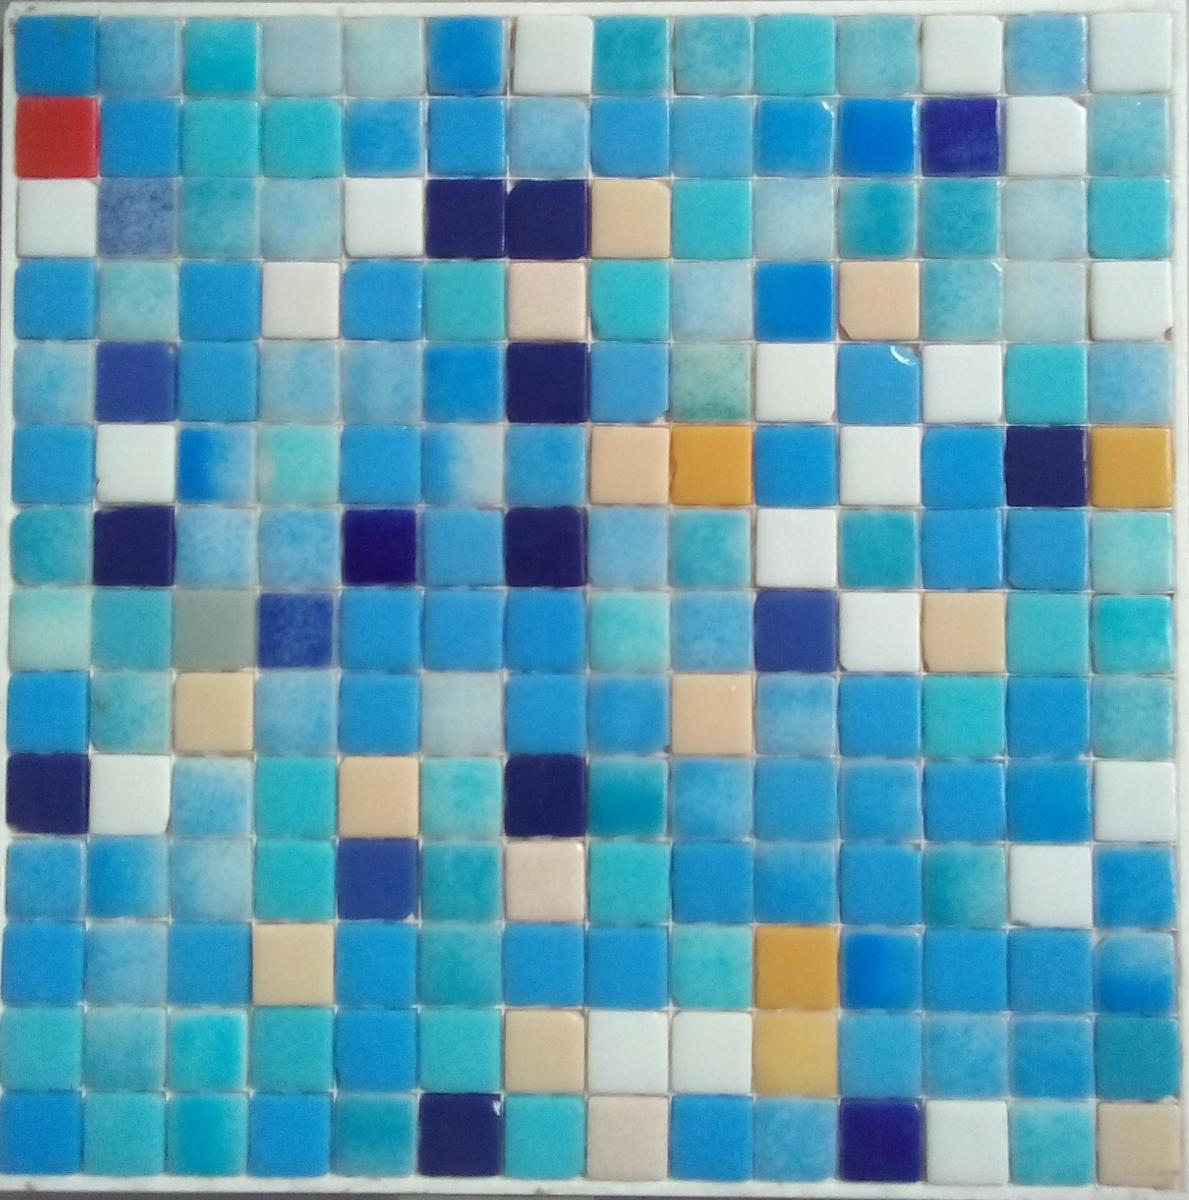 Emaux De Verre Salle De Bain ~ mosa que maux de verre m langes bleu 2eme choix par 2 m achat